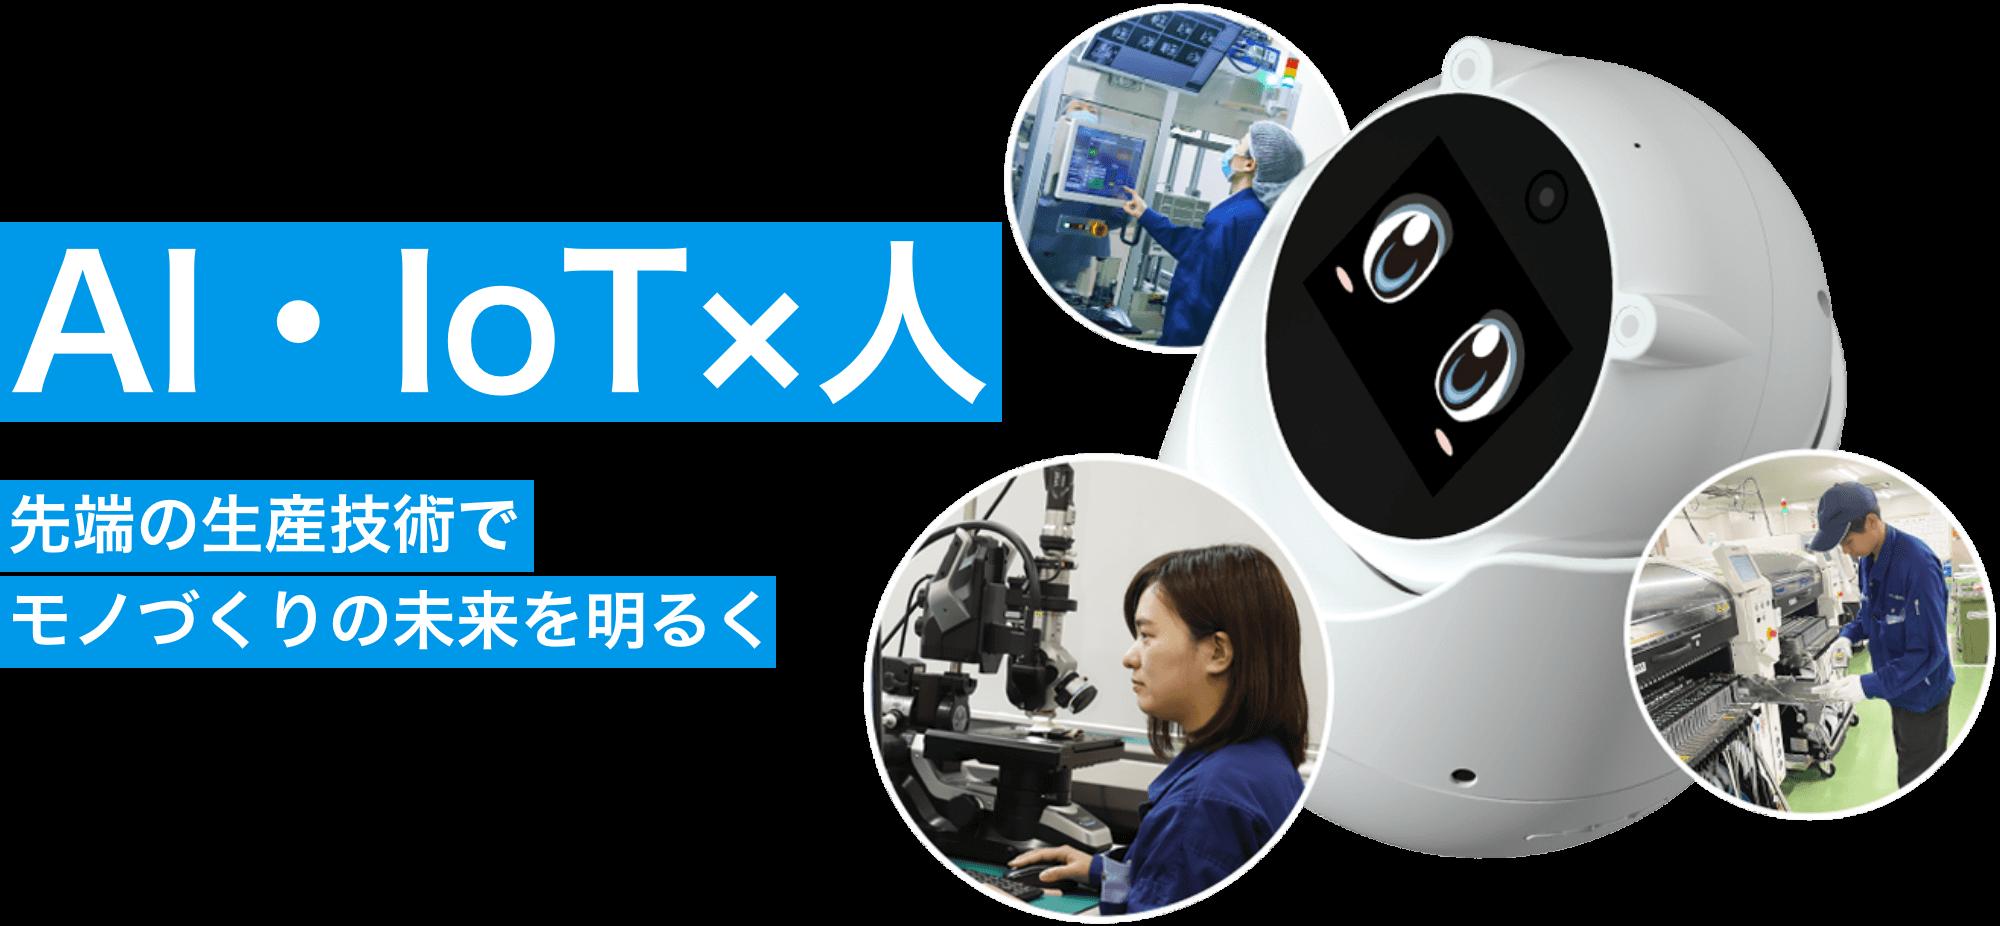 AI・IoT×人 先端の生産技術でモノづくりの未来を明るく